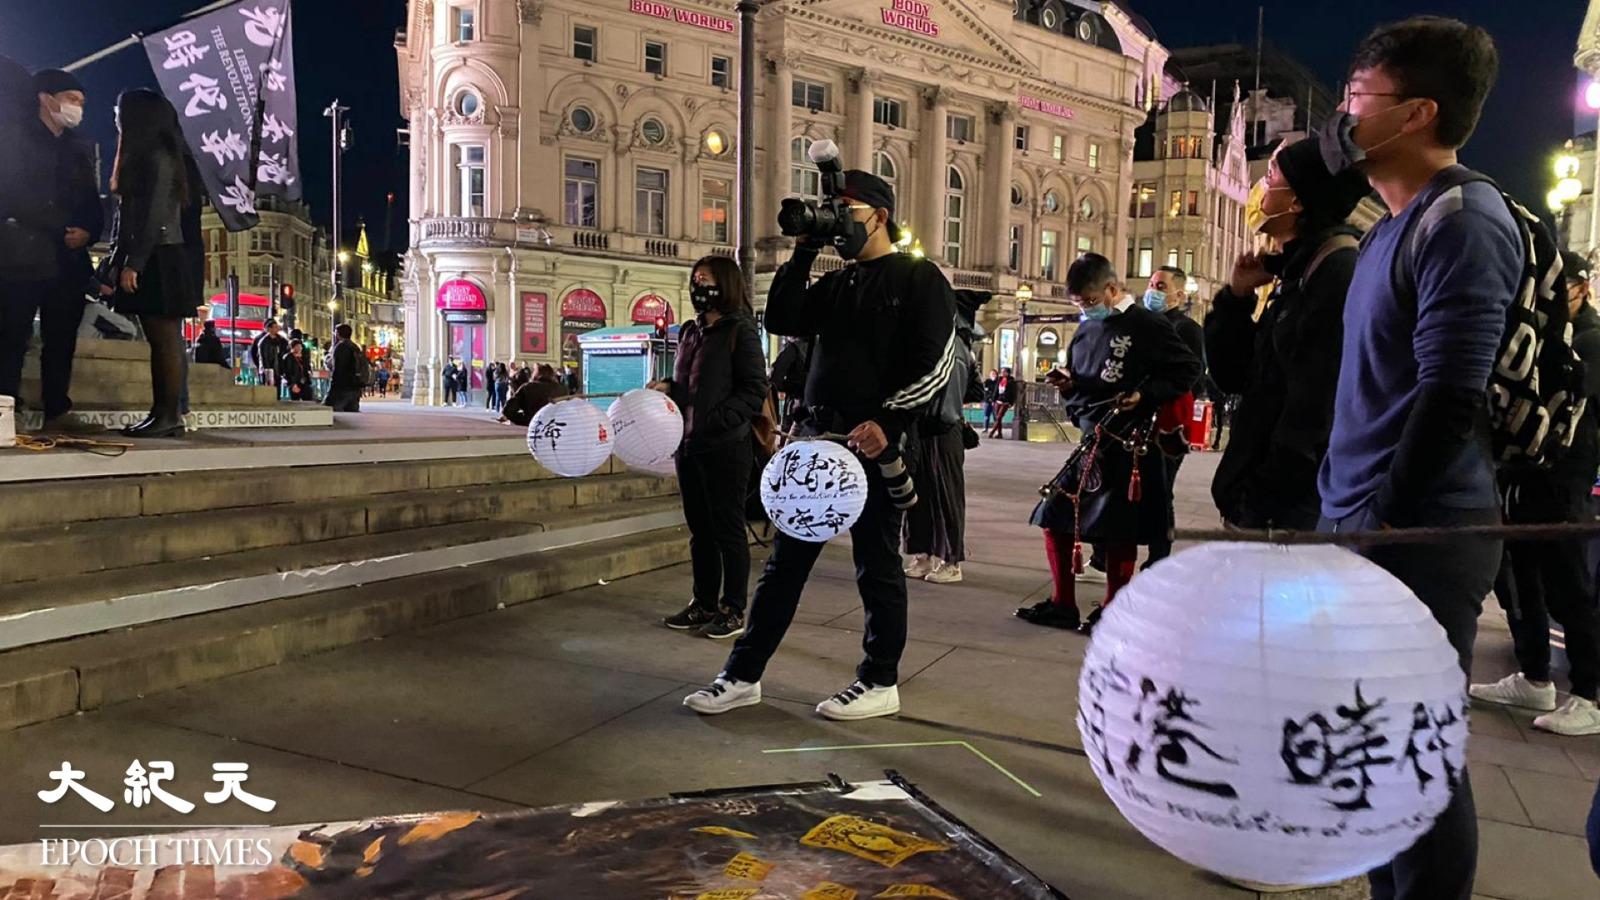 王茂俊(韓寶生)與鄭文傑於10.1晚出席在英國Piccadilly Circus舉行的中秋節救12港人活動。(唐詩韻/大紀元)